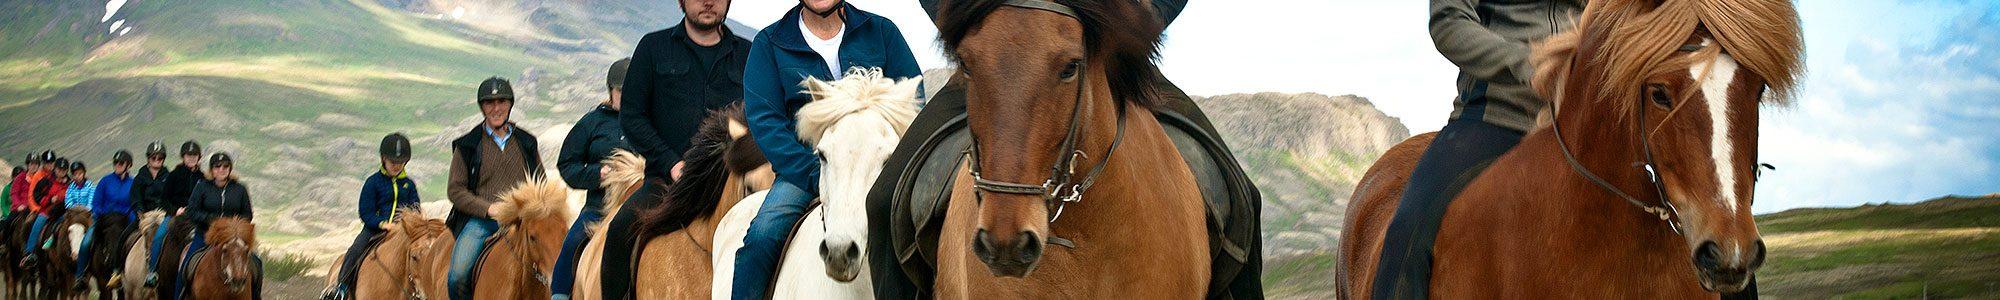 laxnes-horses